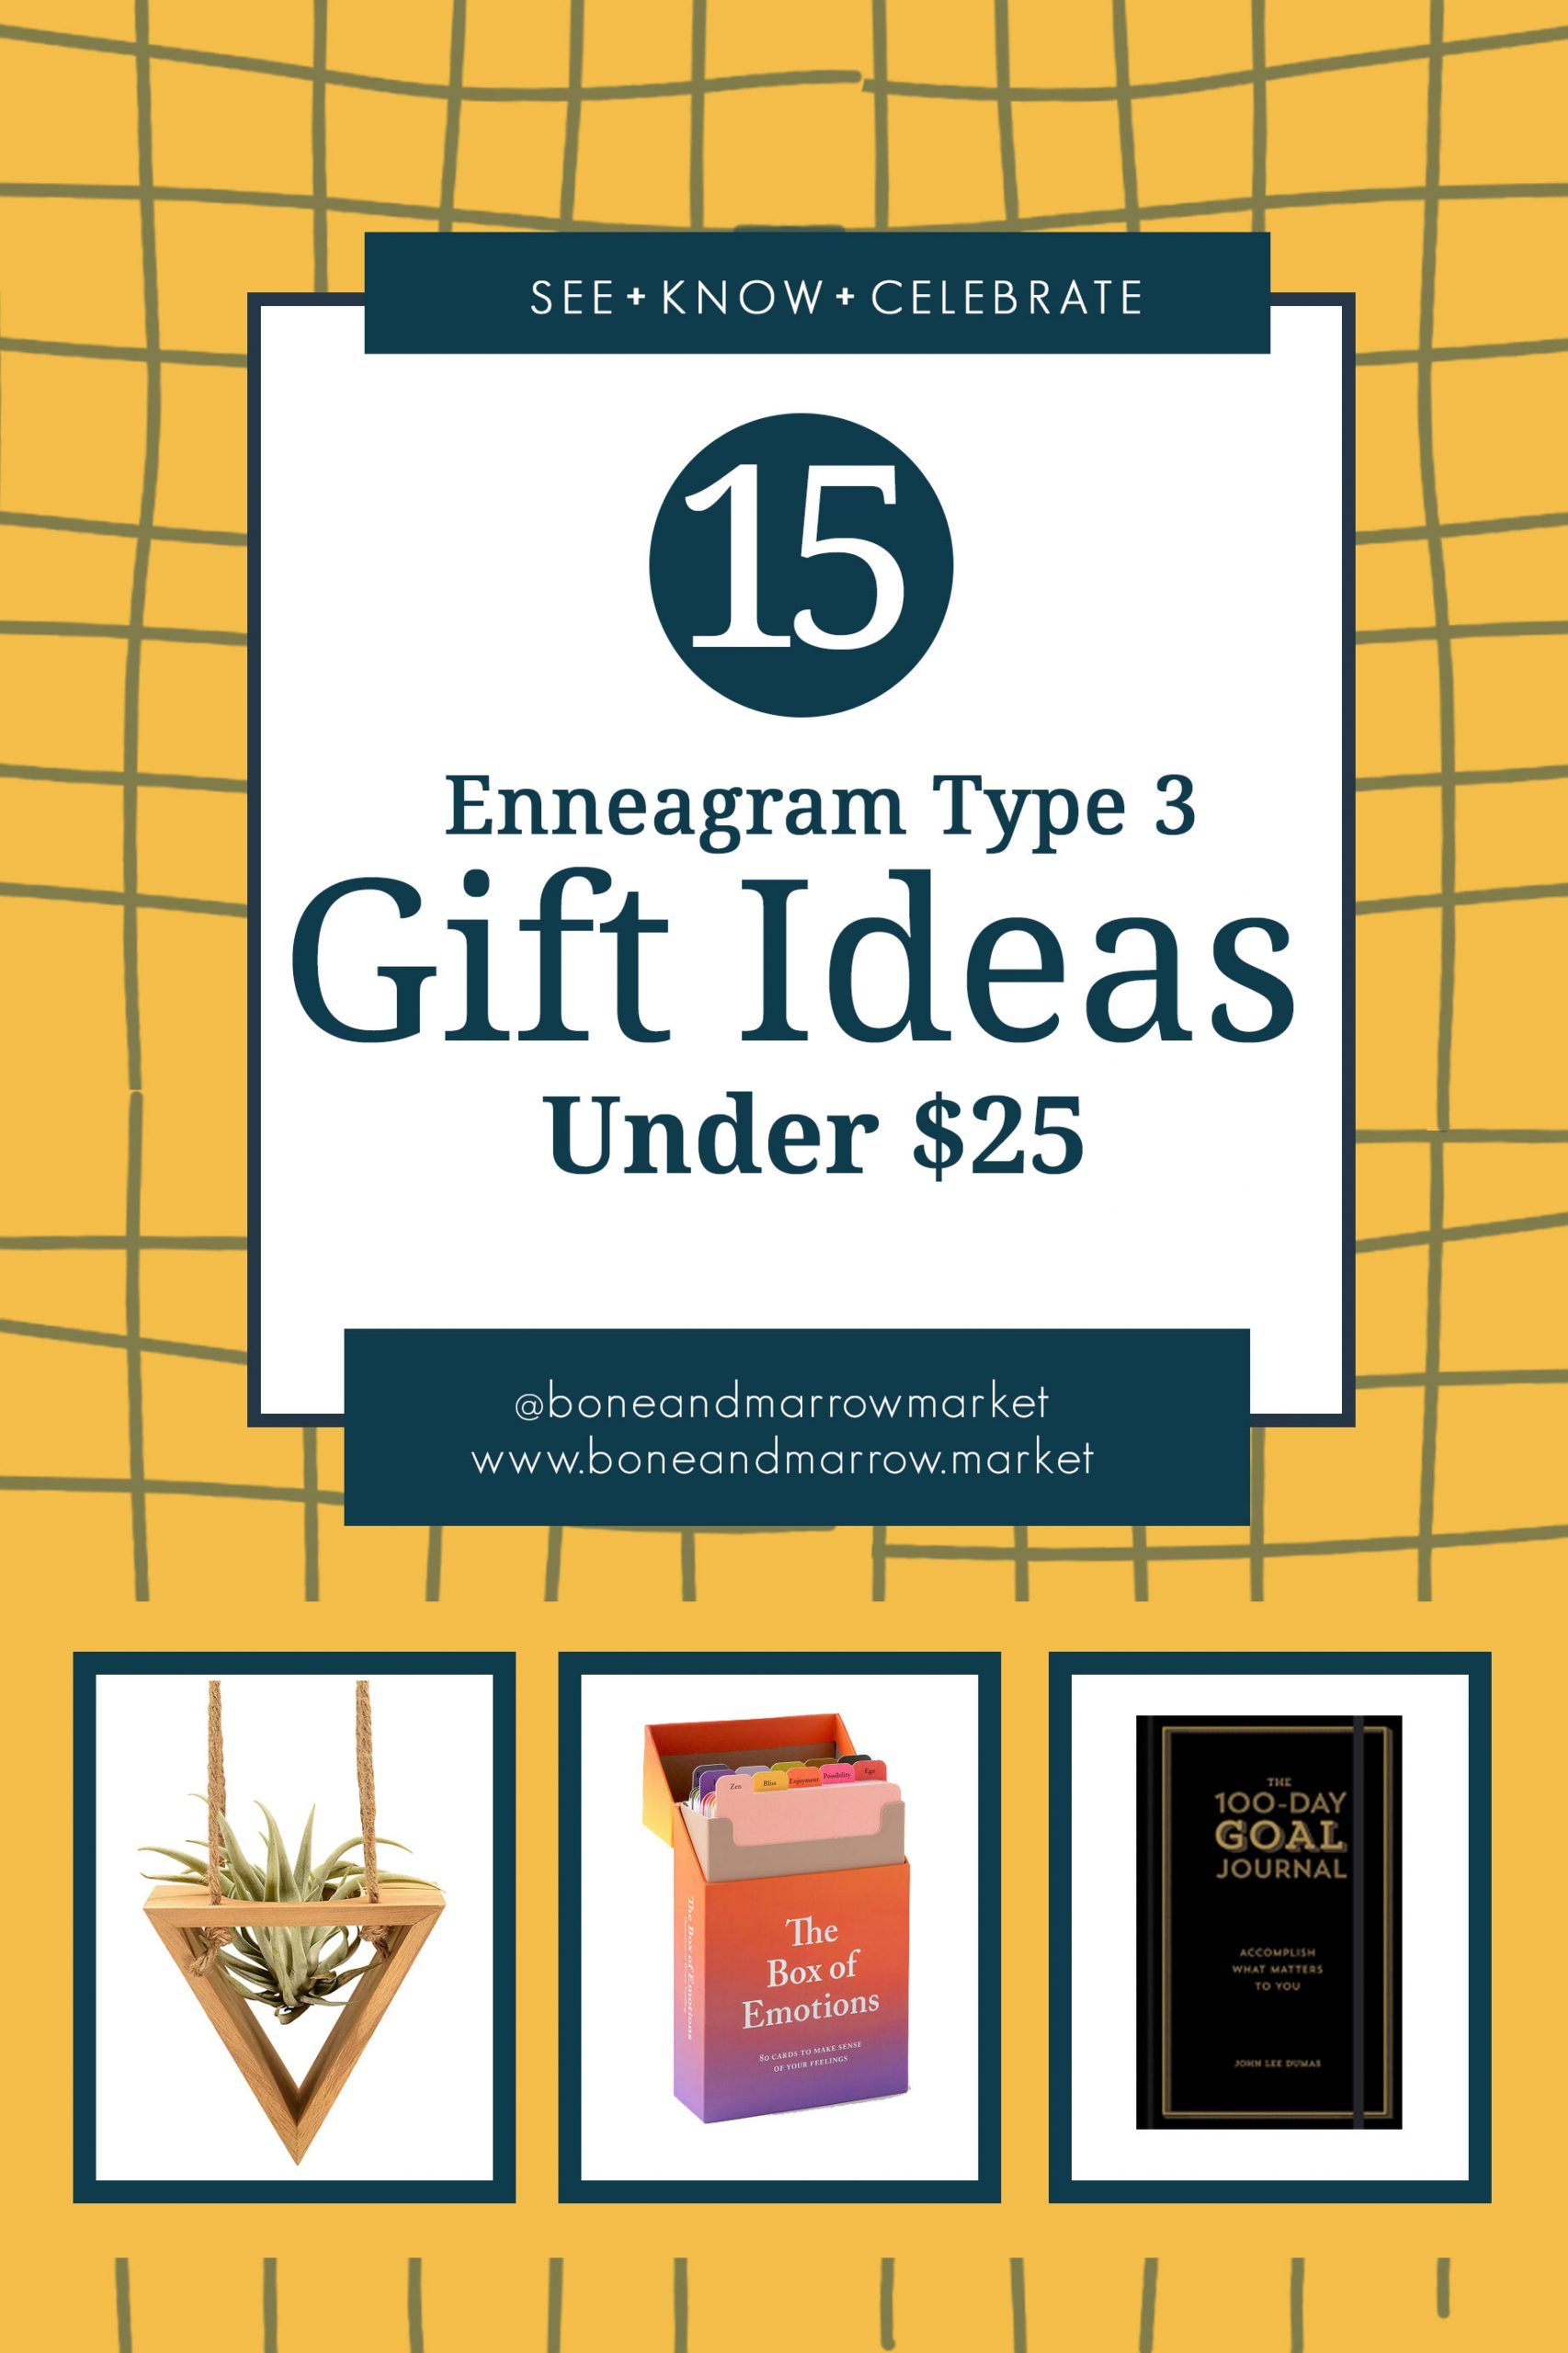 Enneagram Type 3 Gifts Ideas Under $25